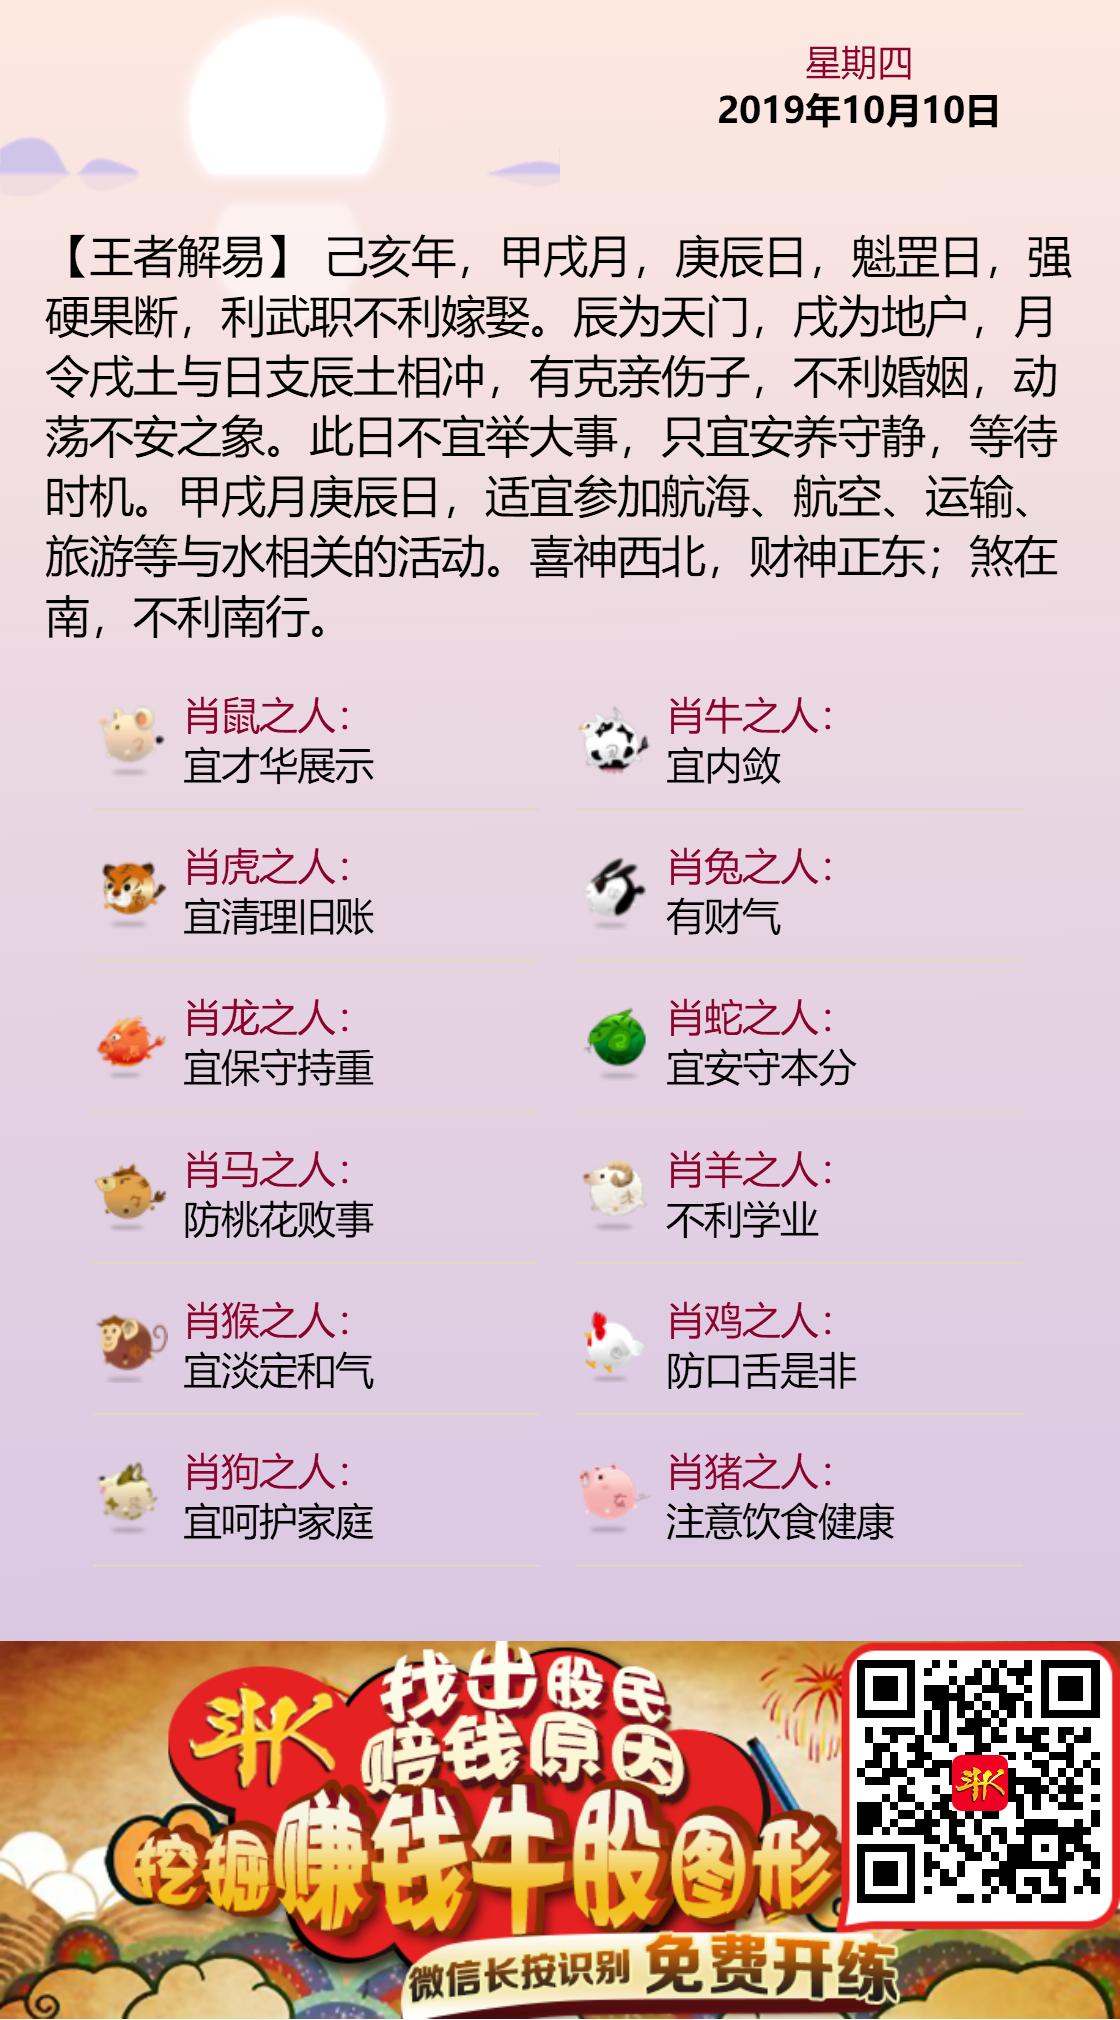 2019.10.10黄历斗K.png